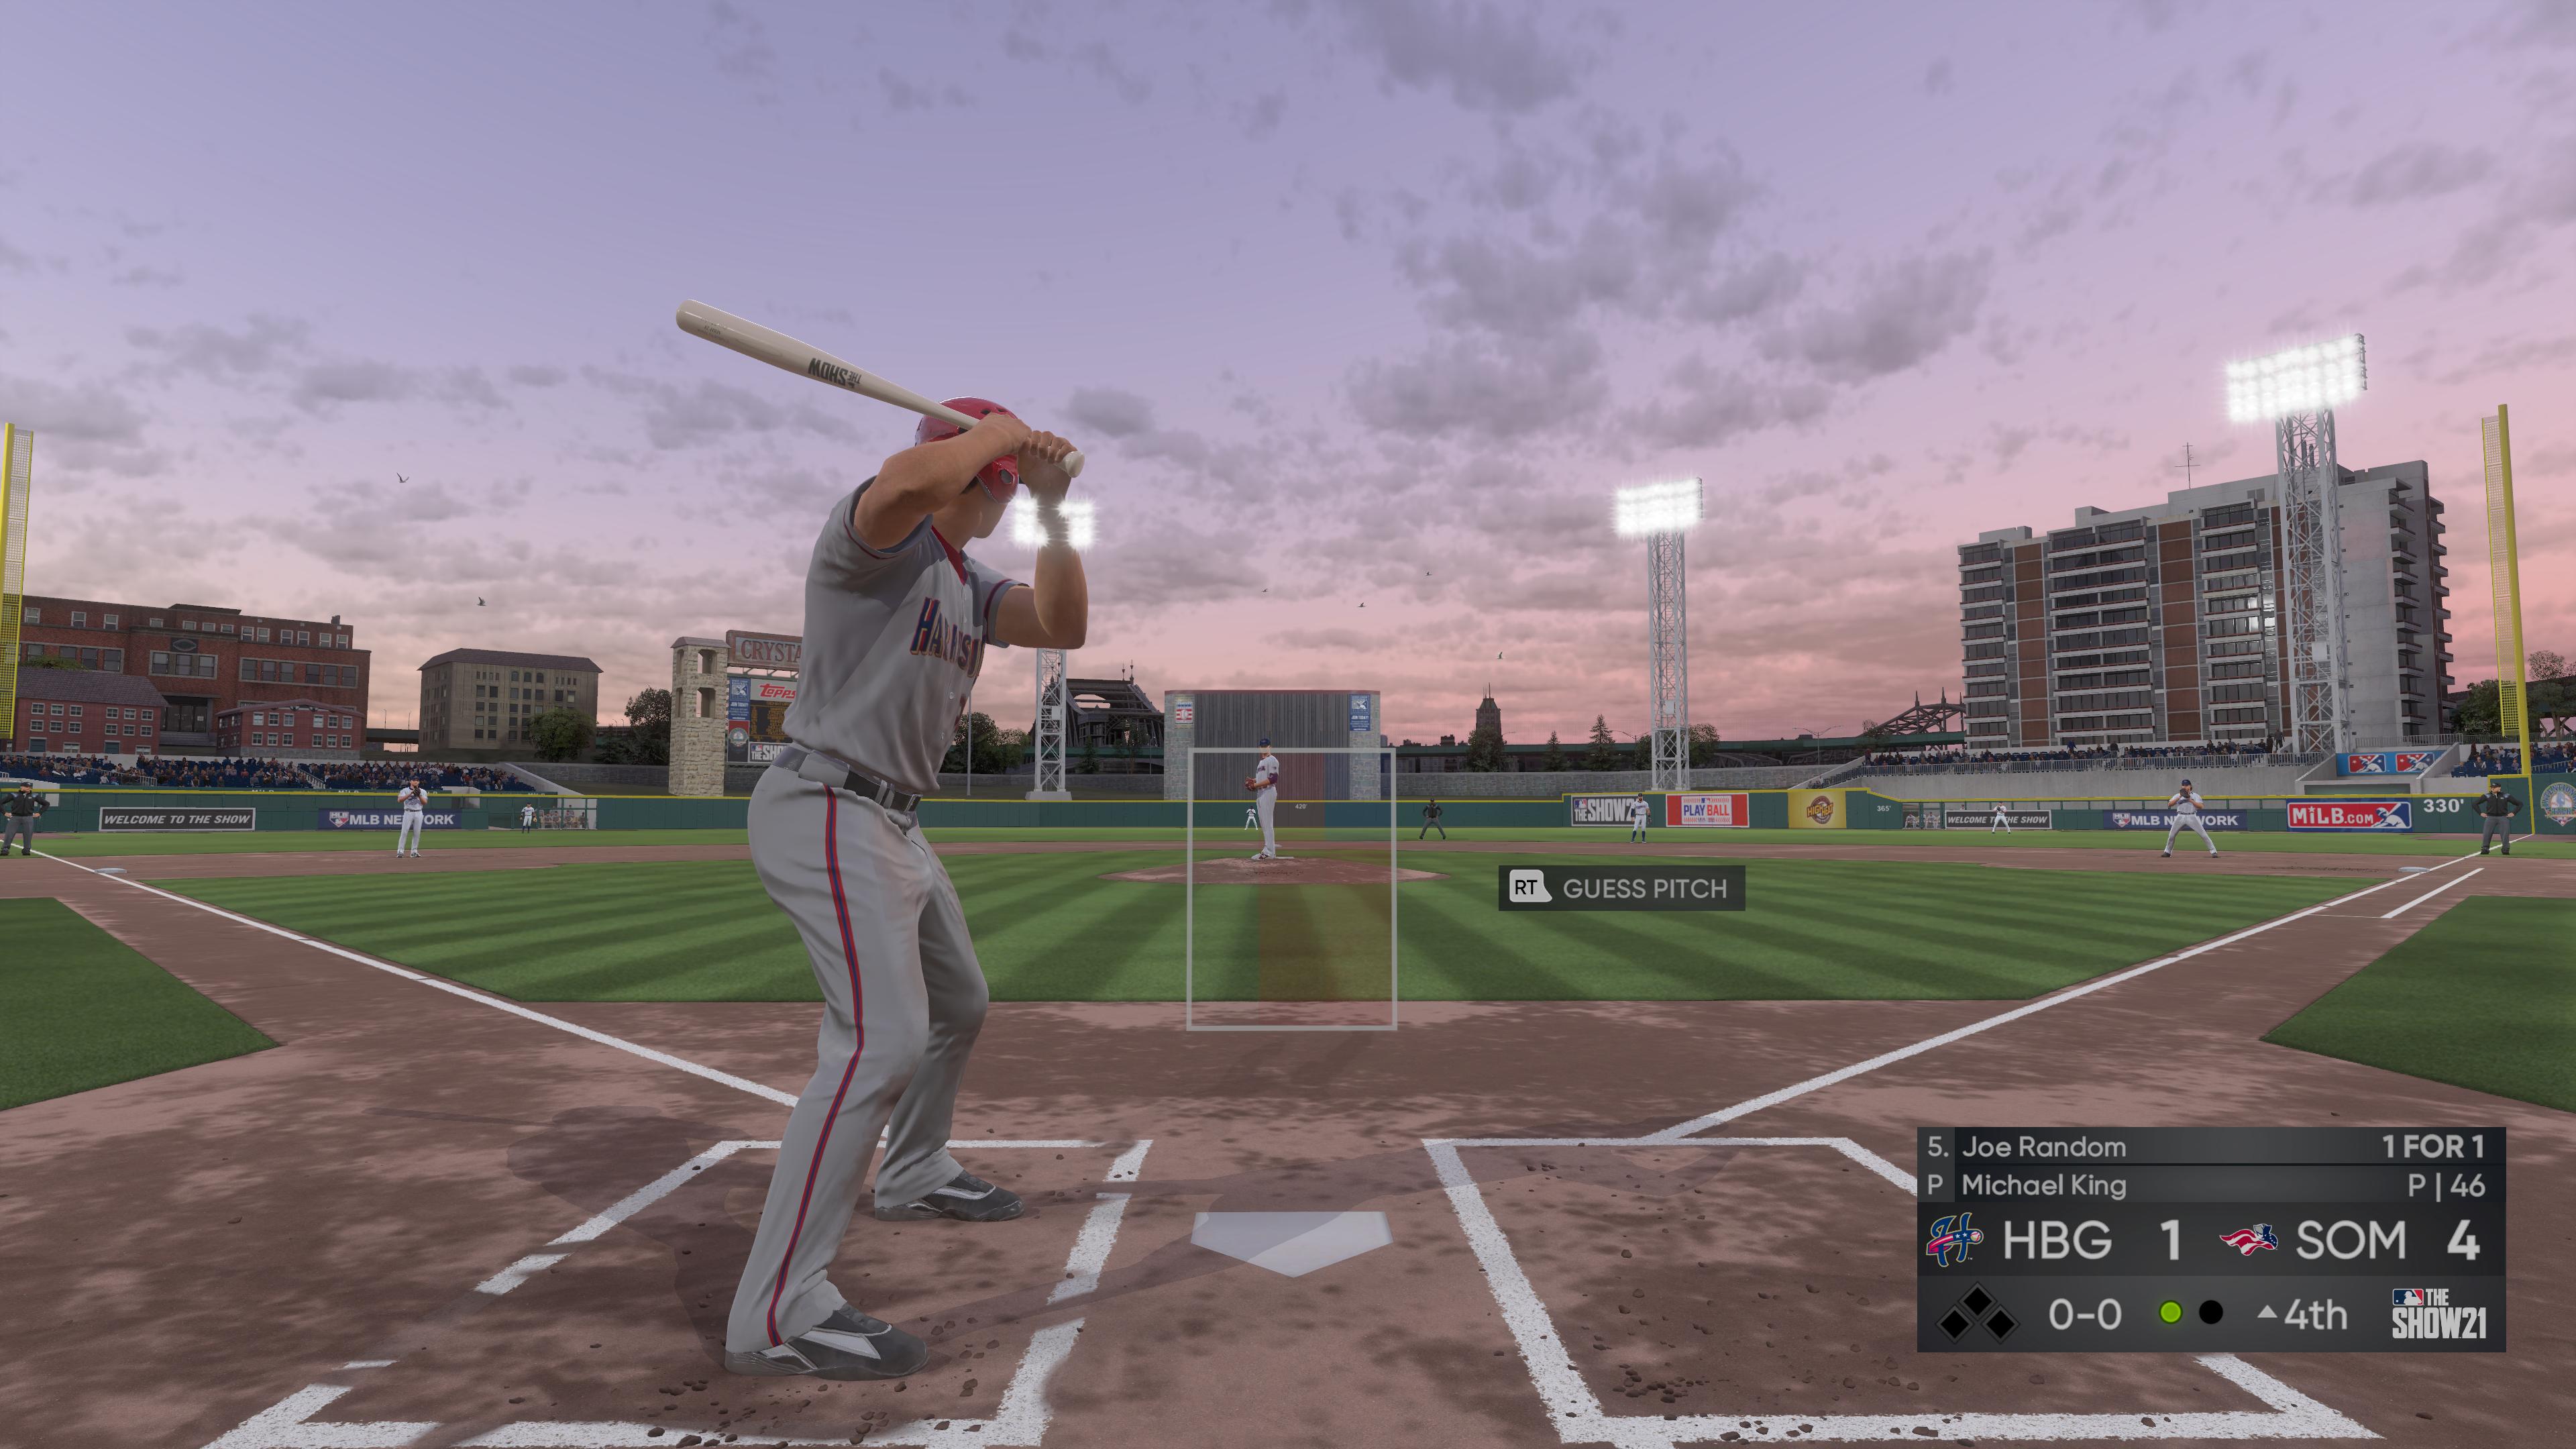 Après avoir été exclusive aux consoles Playstation, MLB The Show est maintenant disponible sur les consoles Xbox One et Xbox Series S/X